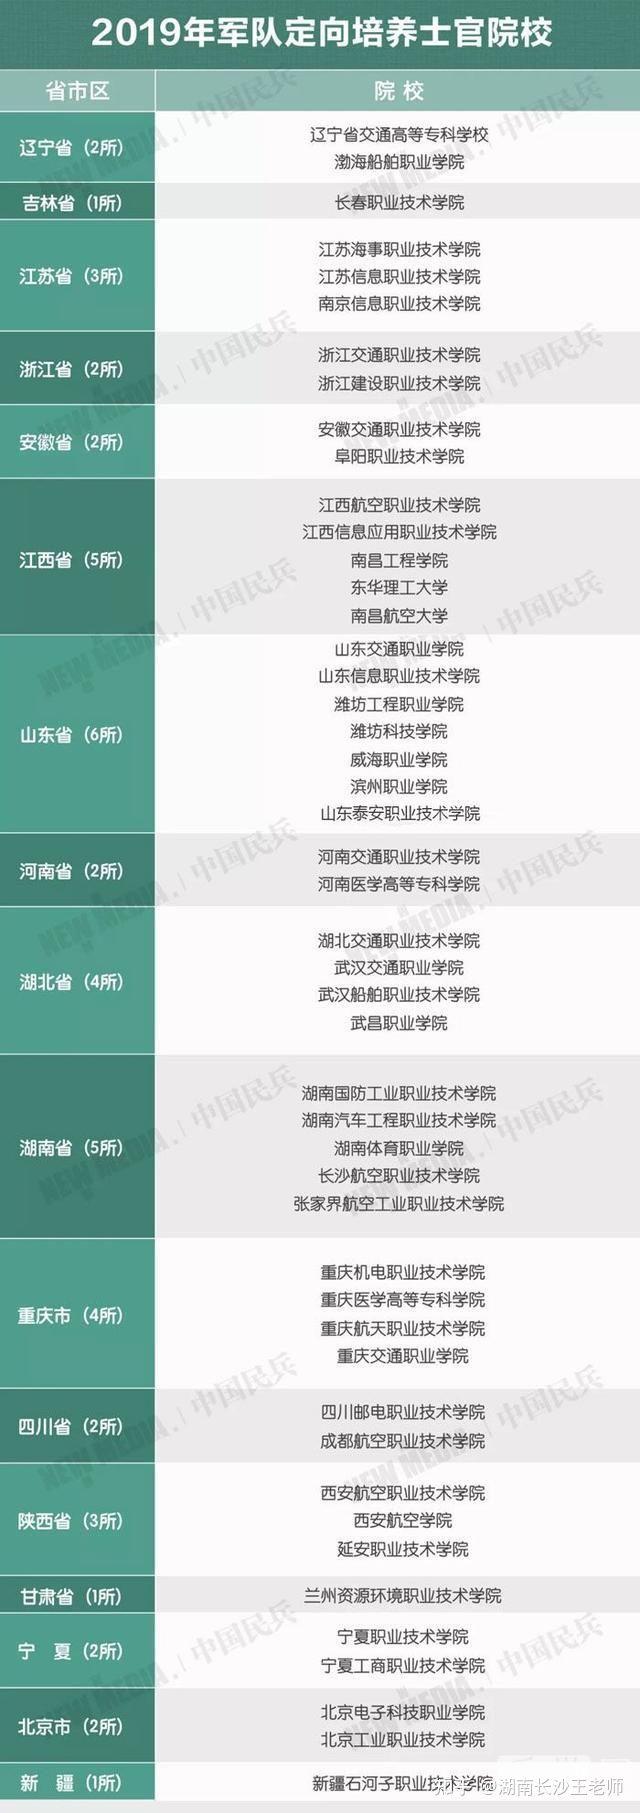 长沙凯舟科技职业学校:国防预备役开始报名了,招收初中毕业生 商业资讯 第8张